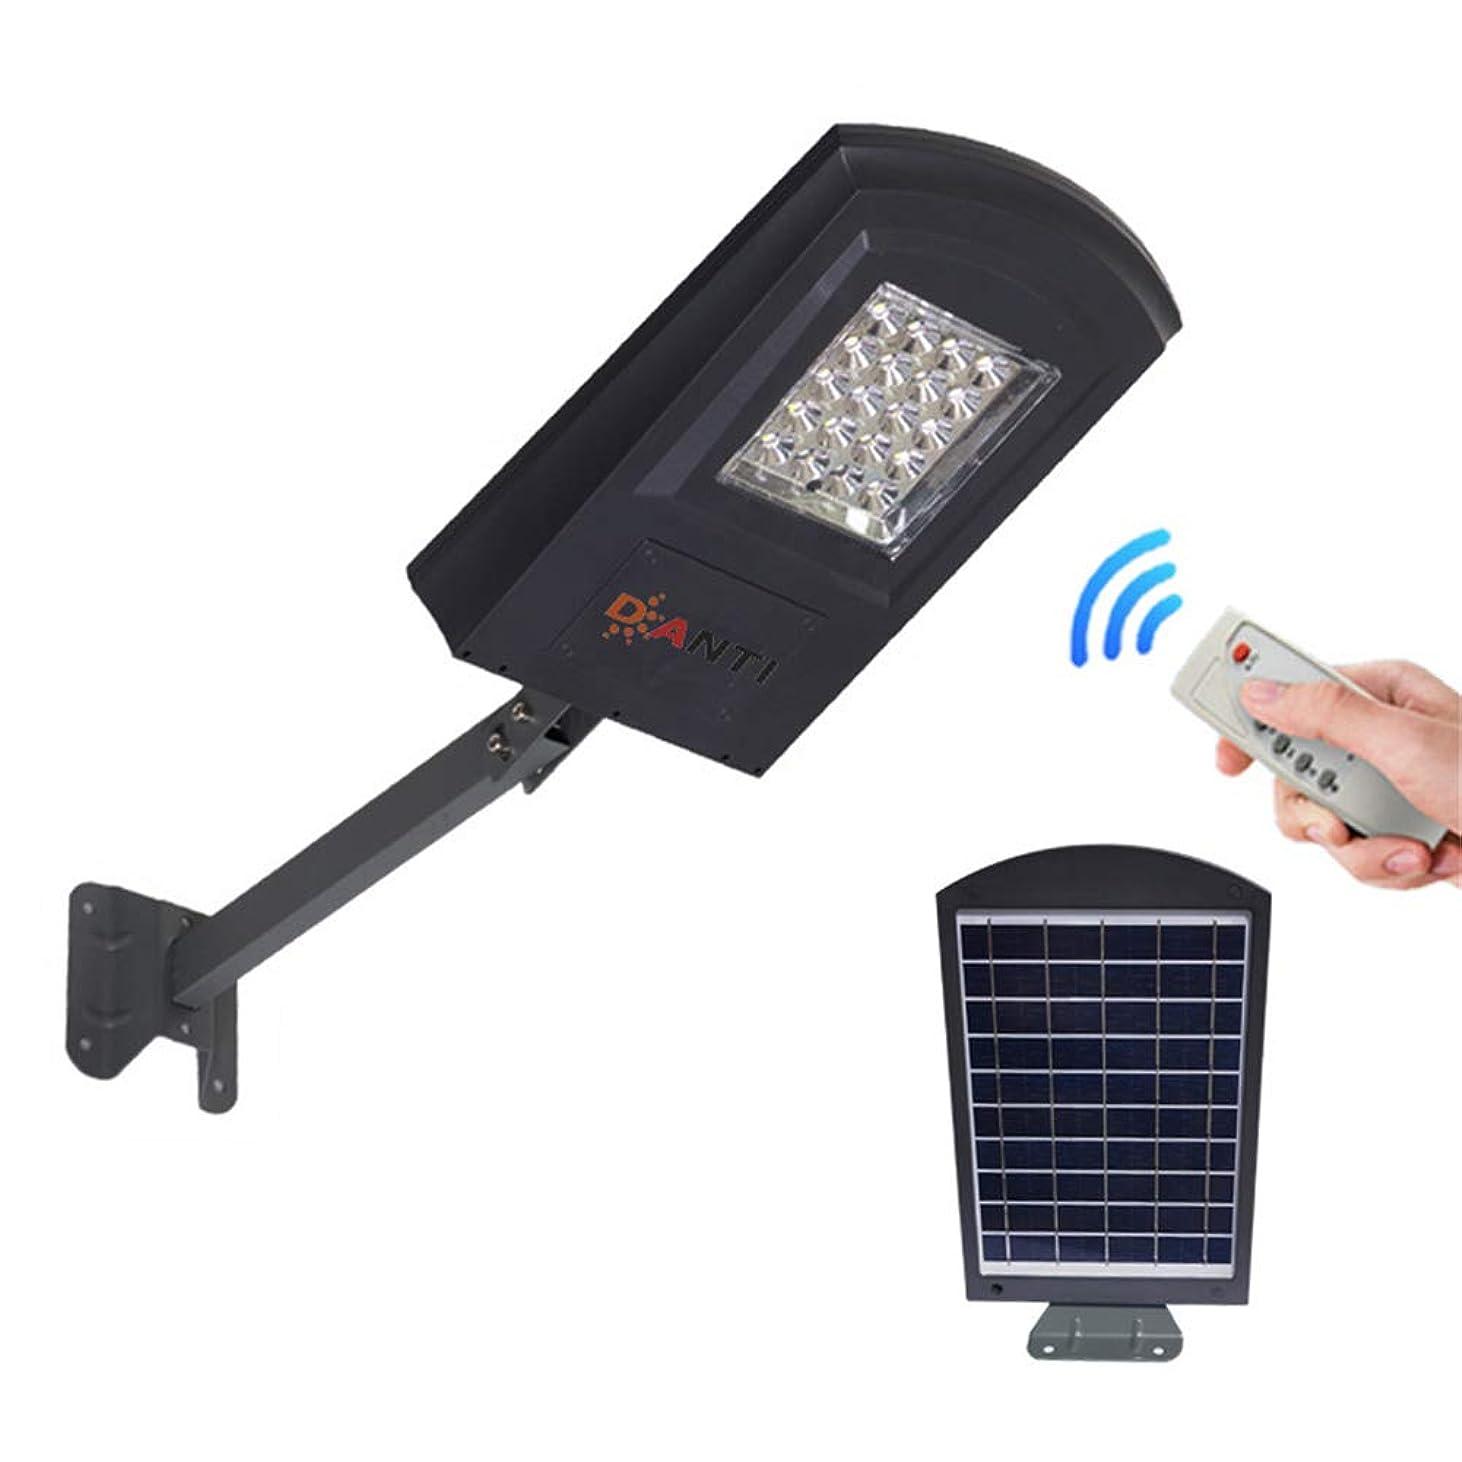 立法簡単な粒子20W LEDソーラー街路灯、リモートコントロール、駐車場、スタジアム、庭、ガレージ、庭のための理想と屋外の夕暮れ夜明けポールライト